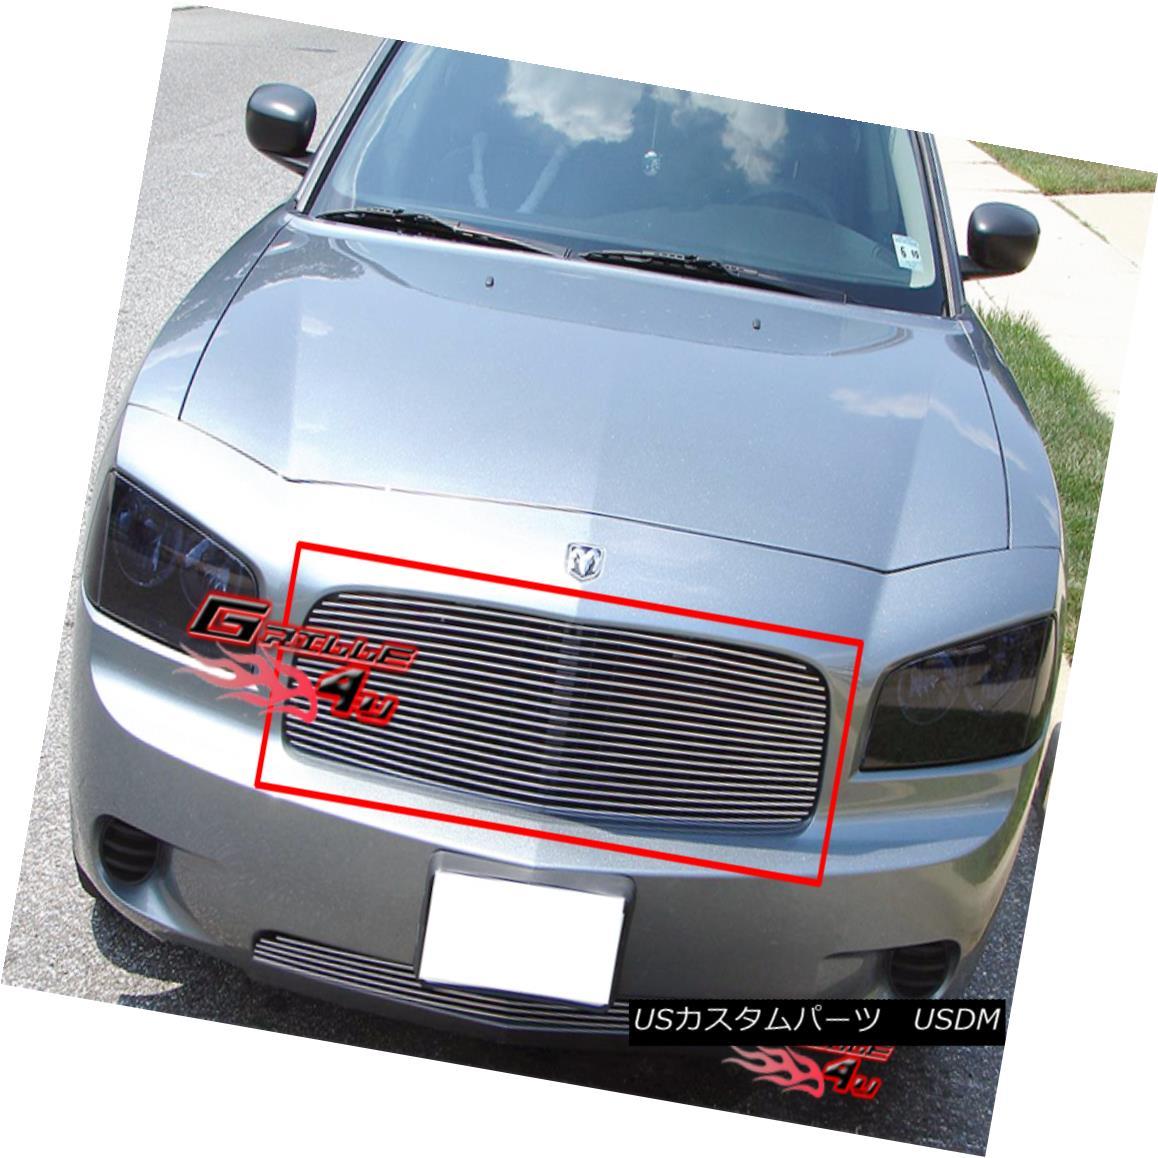 グリル Fits 2005-2010 Dodge Charger Billet Grille Insert フィット2005-2010ダッジチャージャービレットグリルインサート